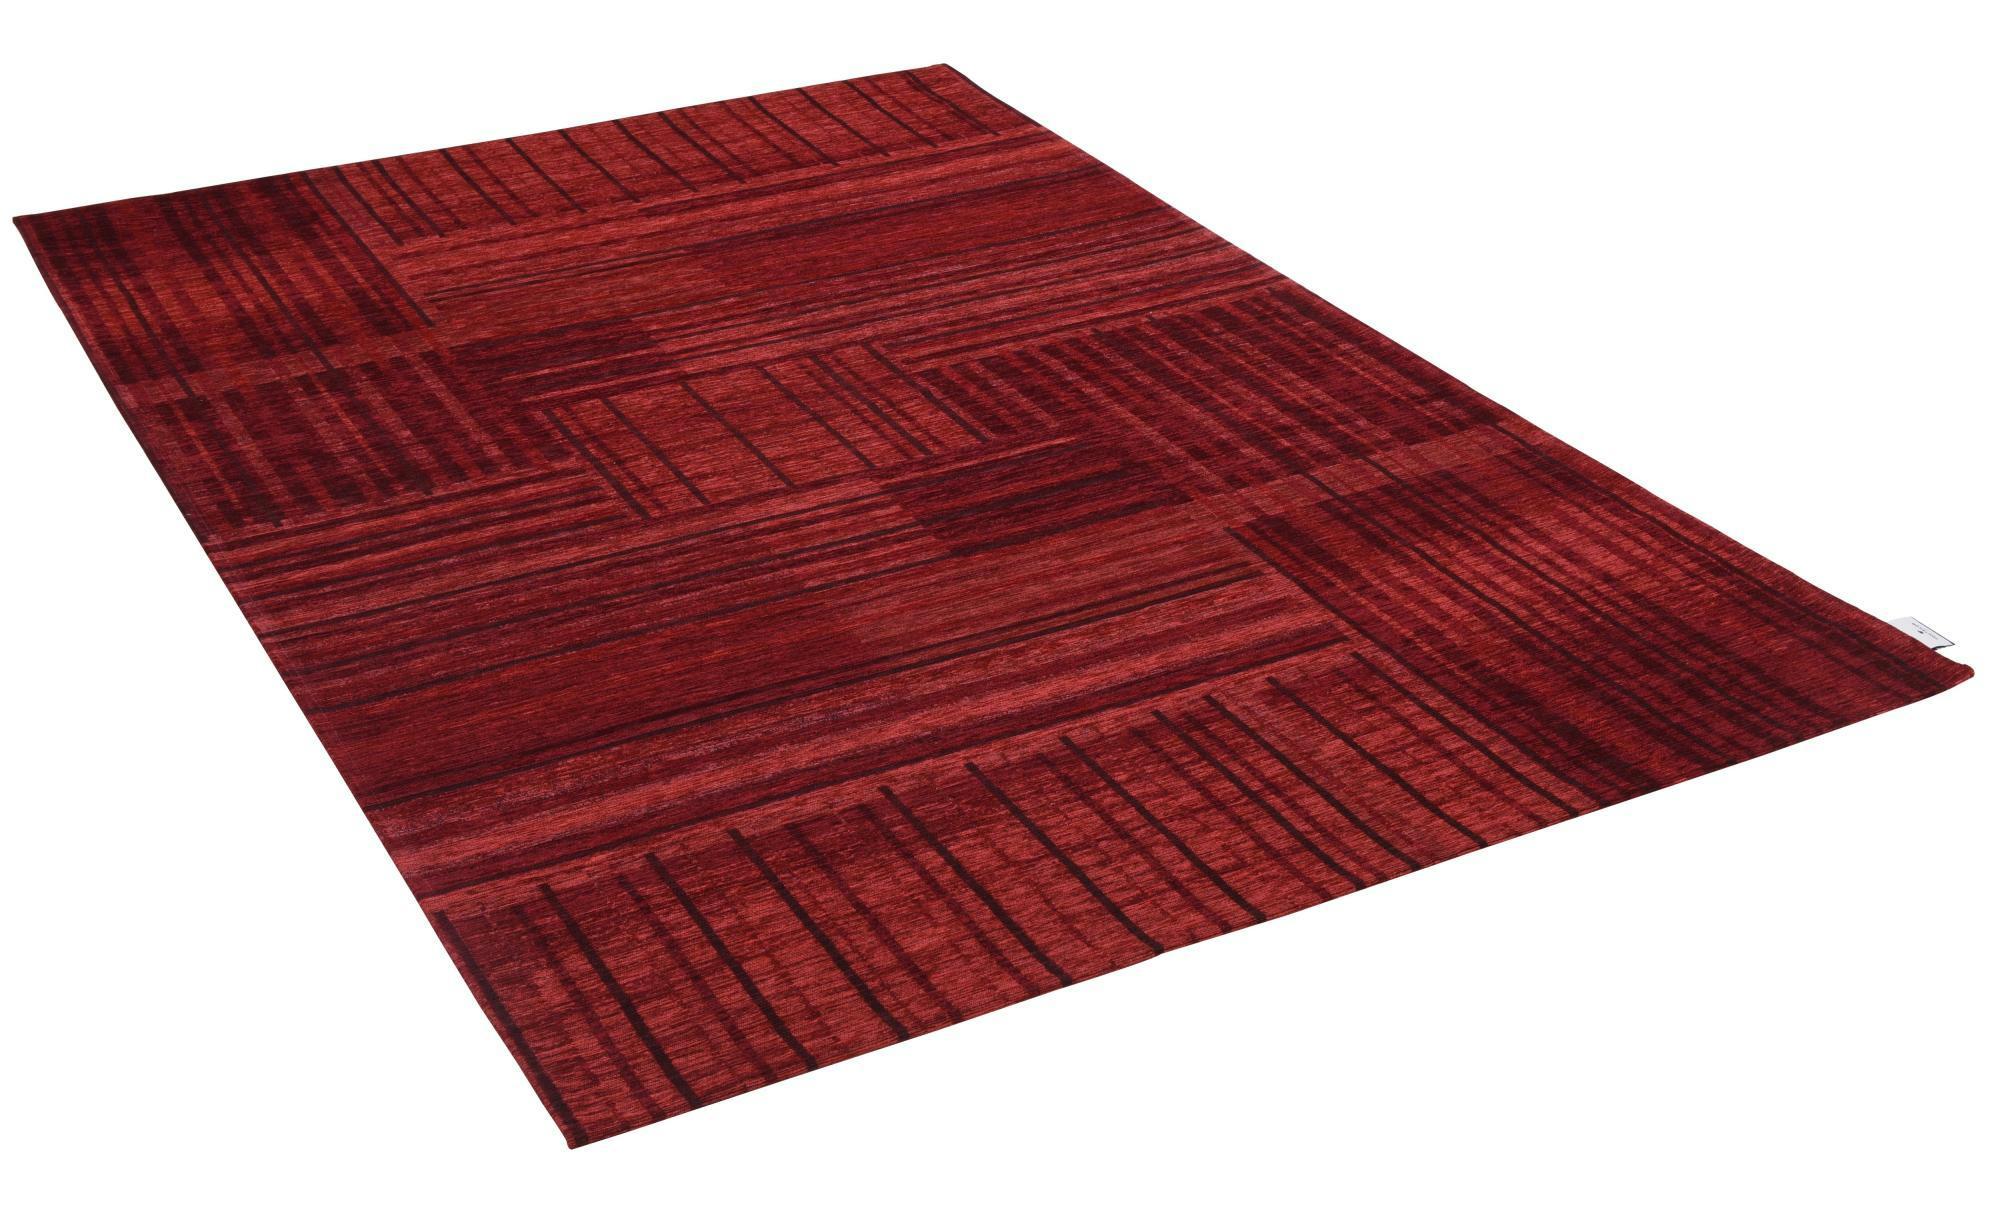 Tom Tailor Webteppich  Living ¦ rot ¦ 36% Chenille Acryl, 34%Polyester, 30%Baumwolle ¦ Maße (cm): B: 50 Teppiche > Wohnteppiche - Höffner